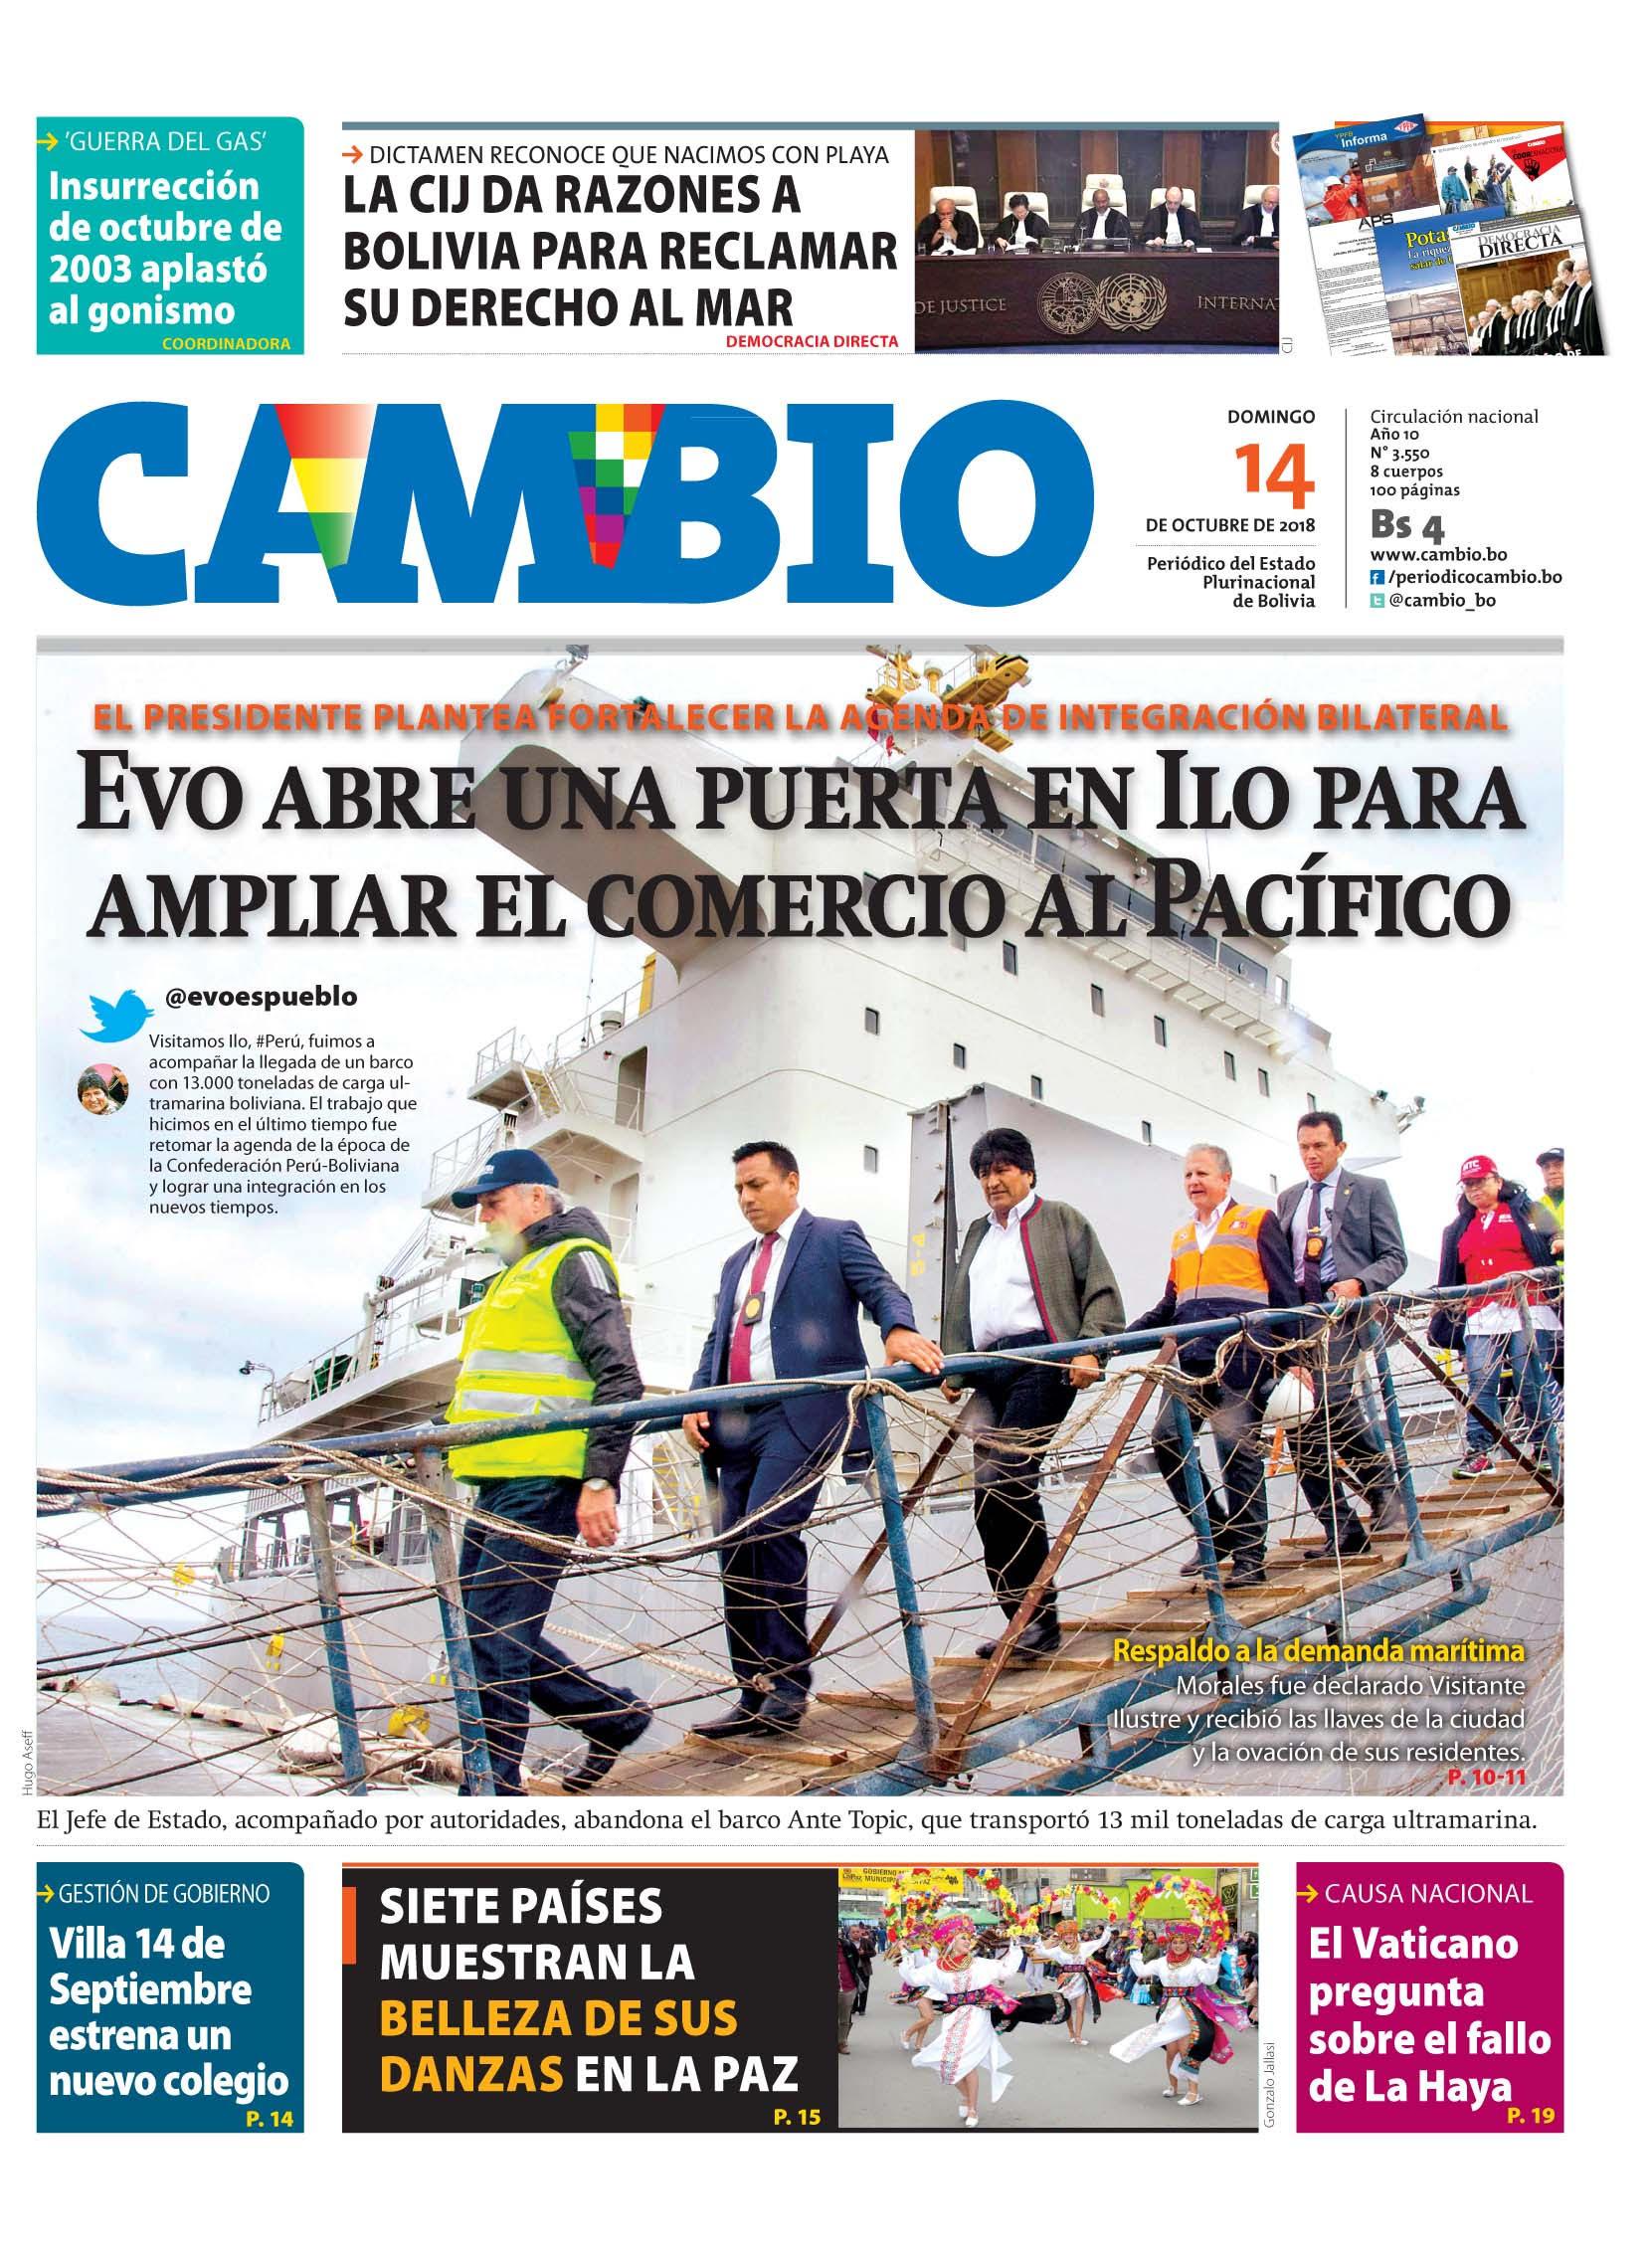 Morales recibe Carga Boliviana en Puerto de Ilo y destaca la integración Perú-Boliviana